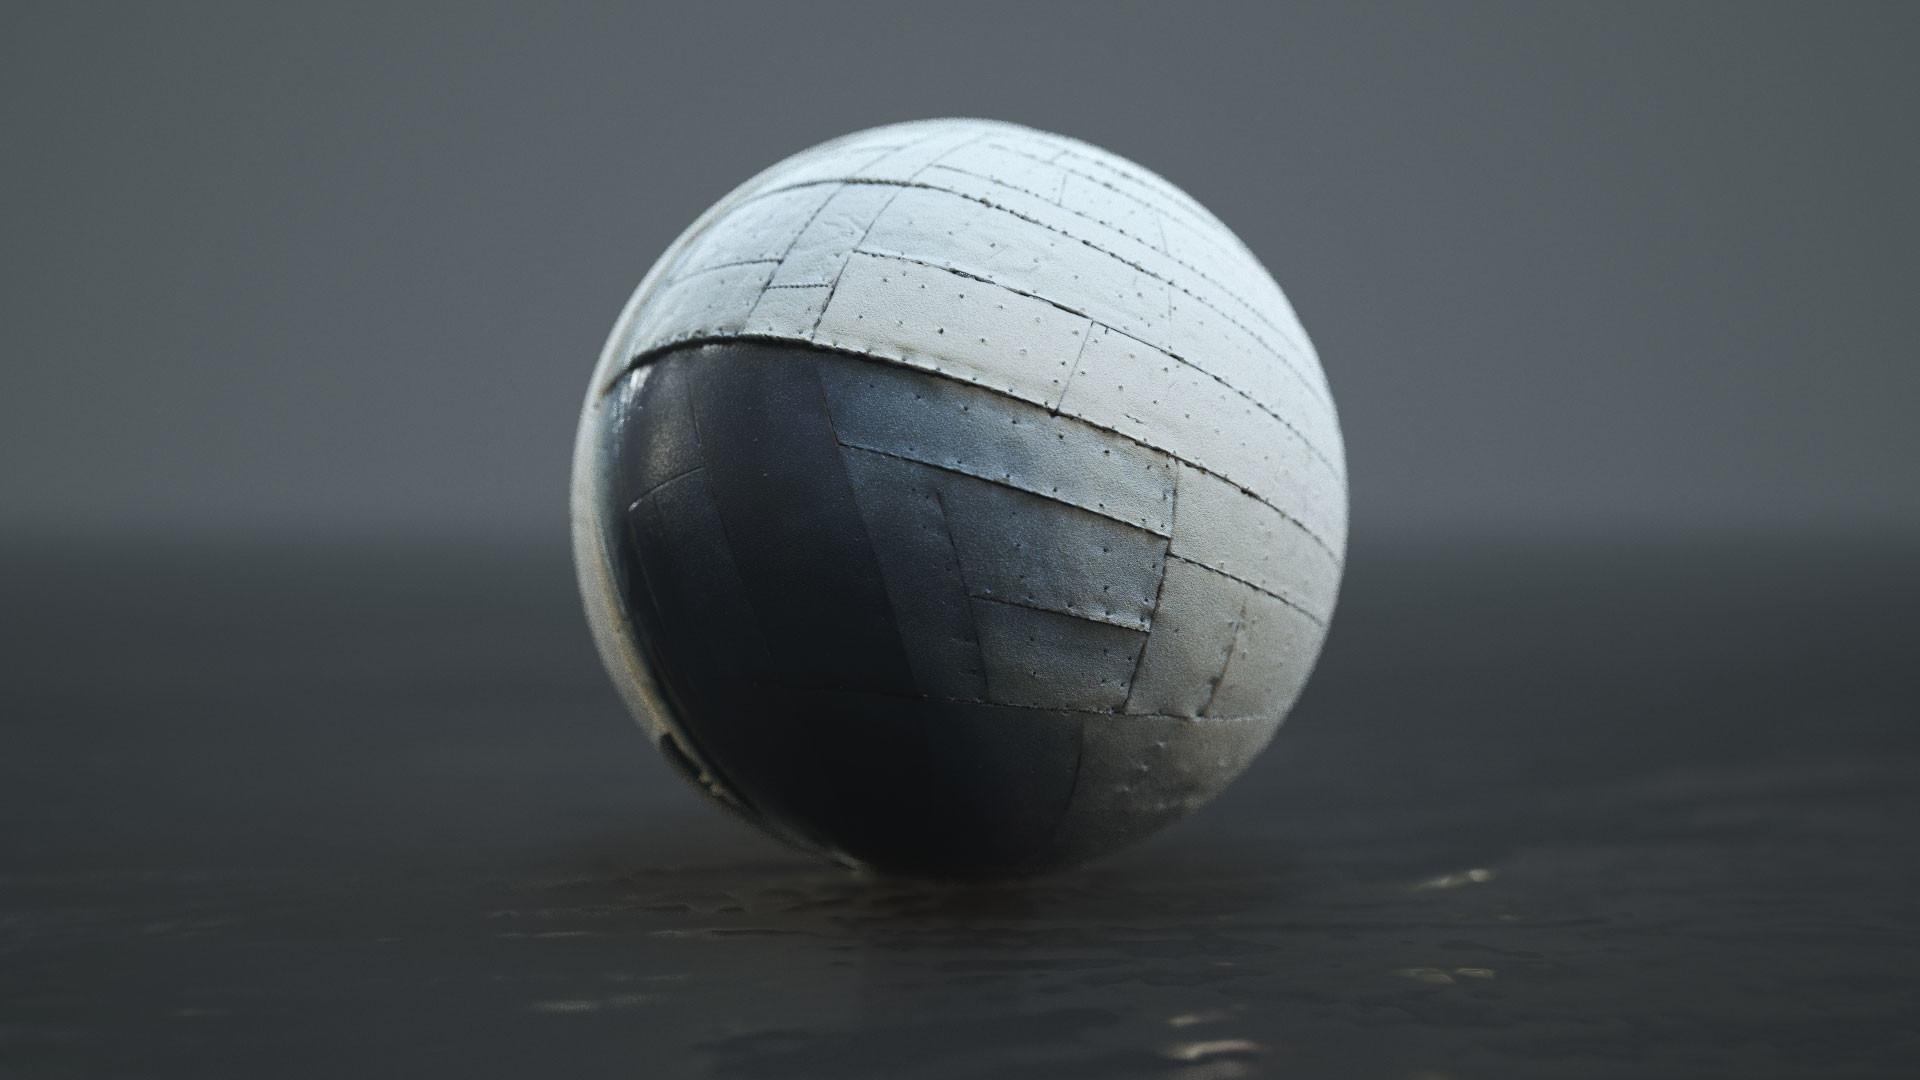 Ry cloze newworld43